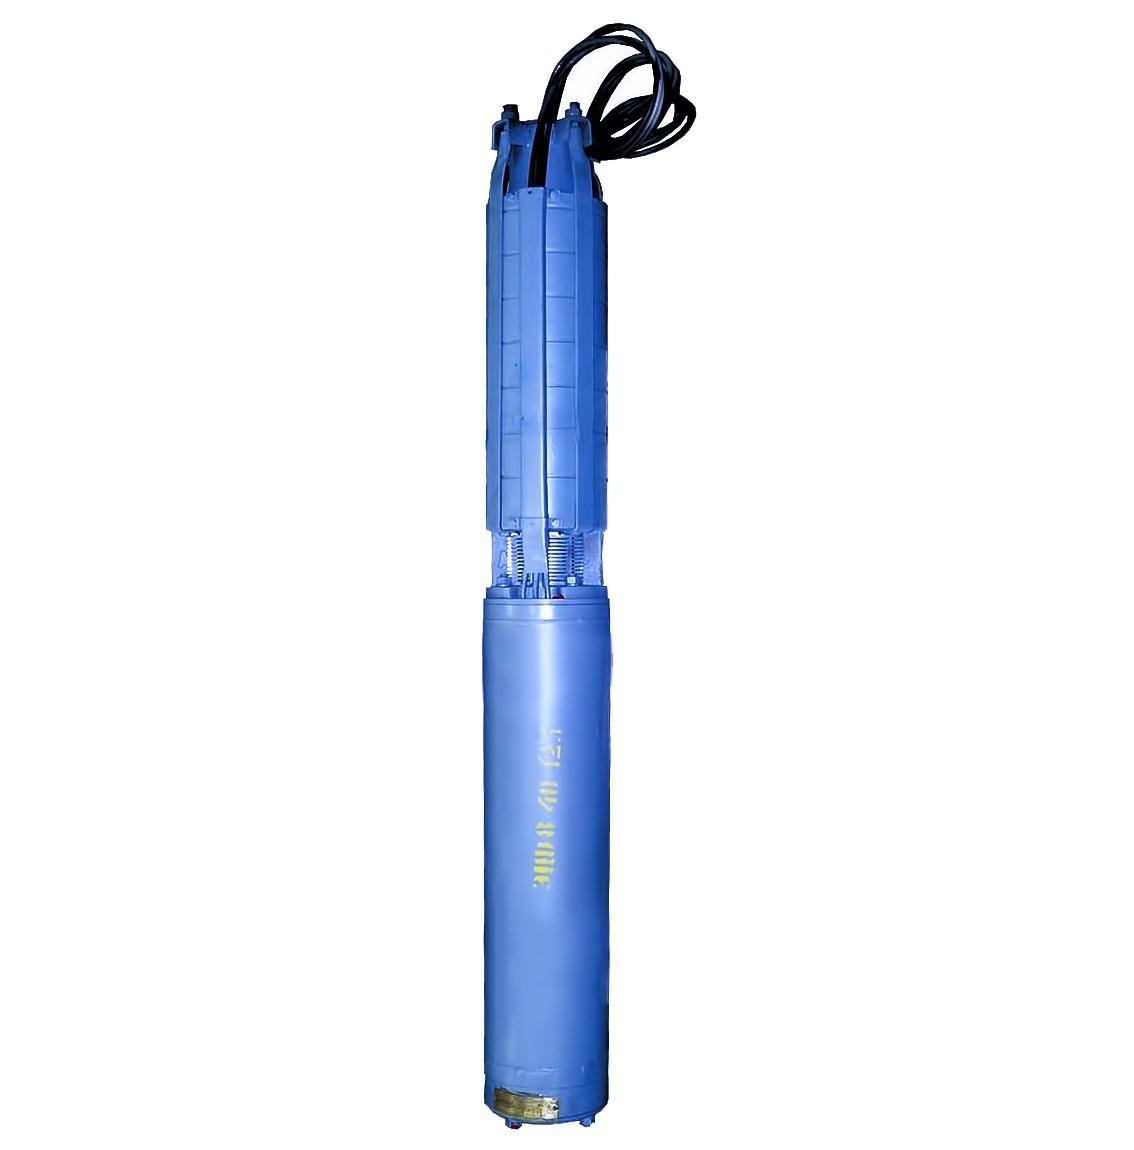 Погружной насос ЭЦВ 10-65-175 нрк